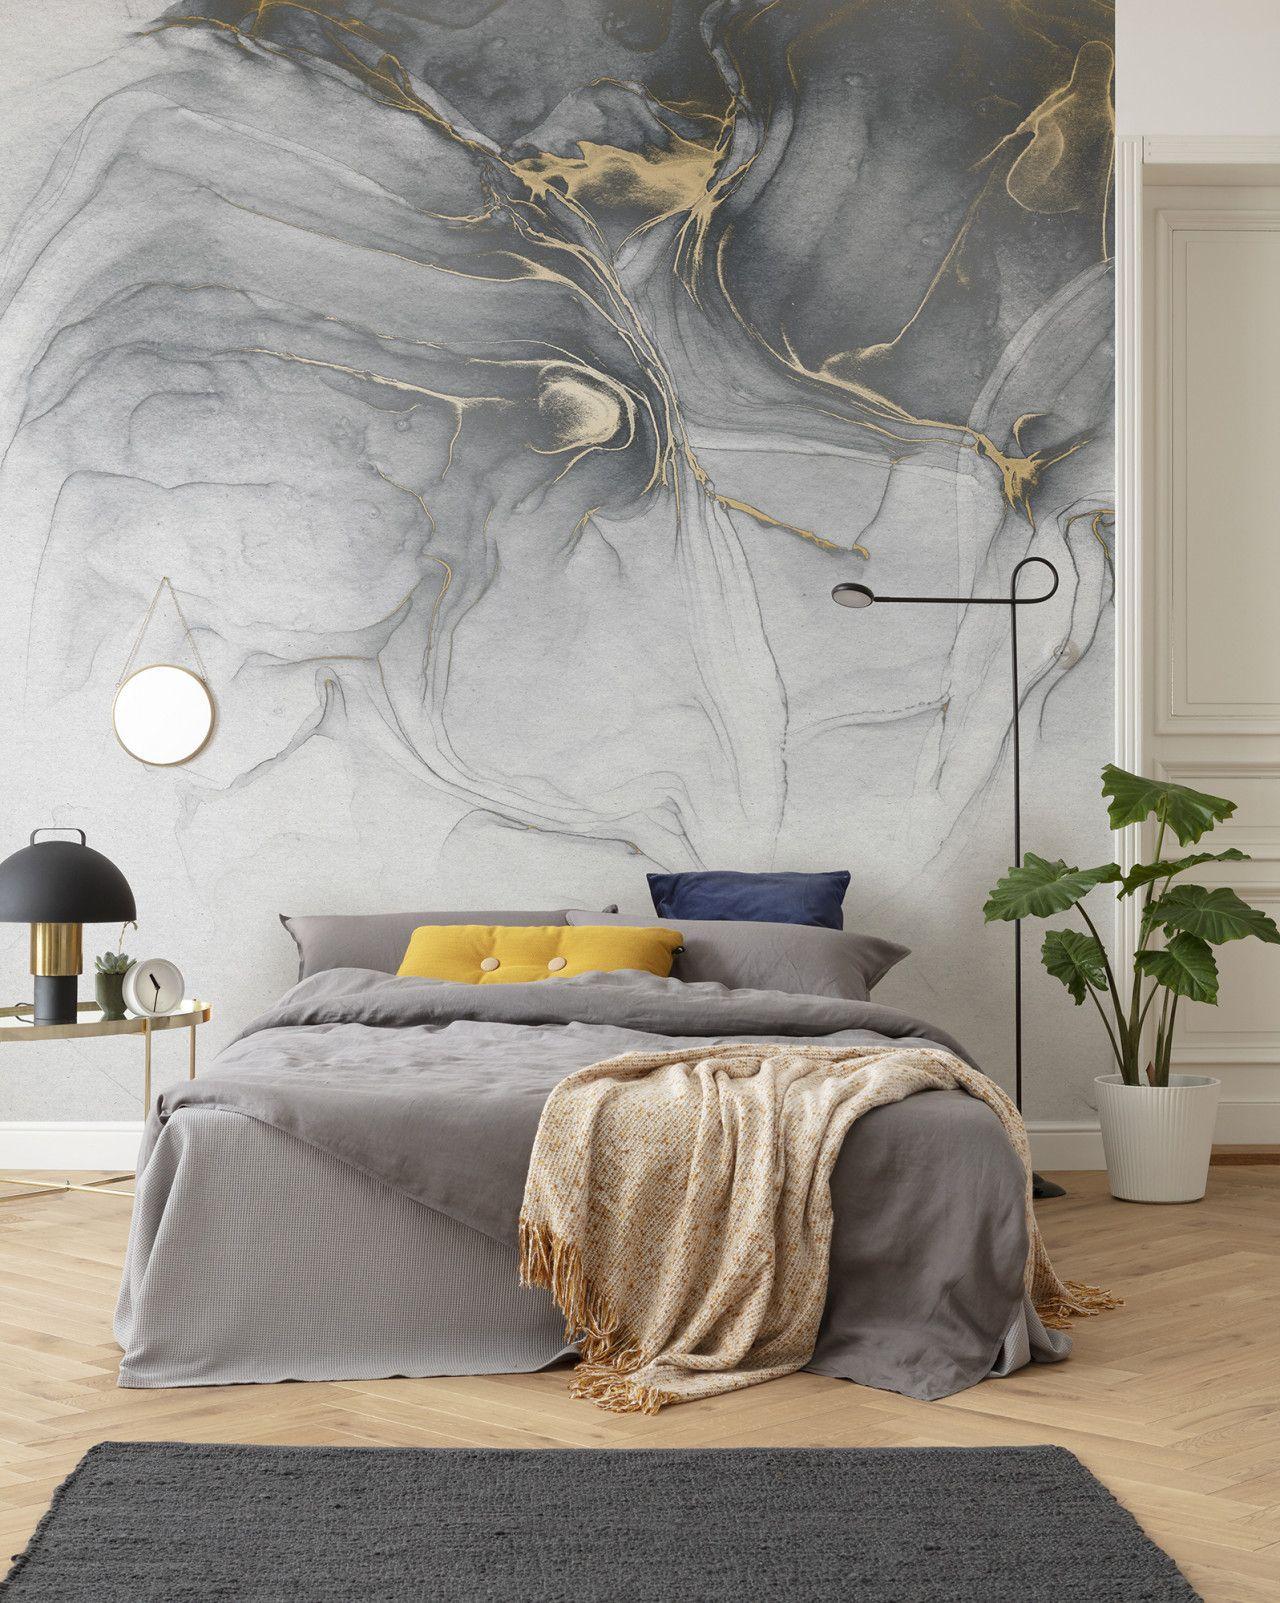 17+ How To Mix Komar Wallpaper Paste - Memy Wallpaper